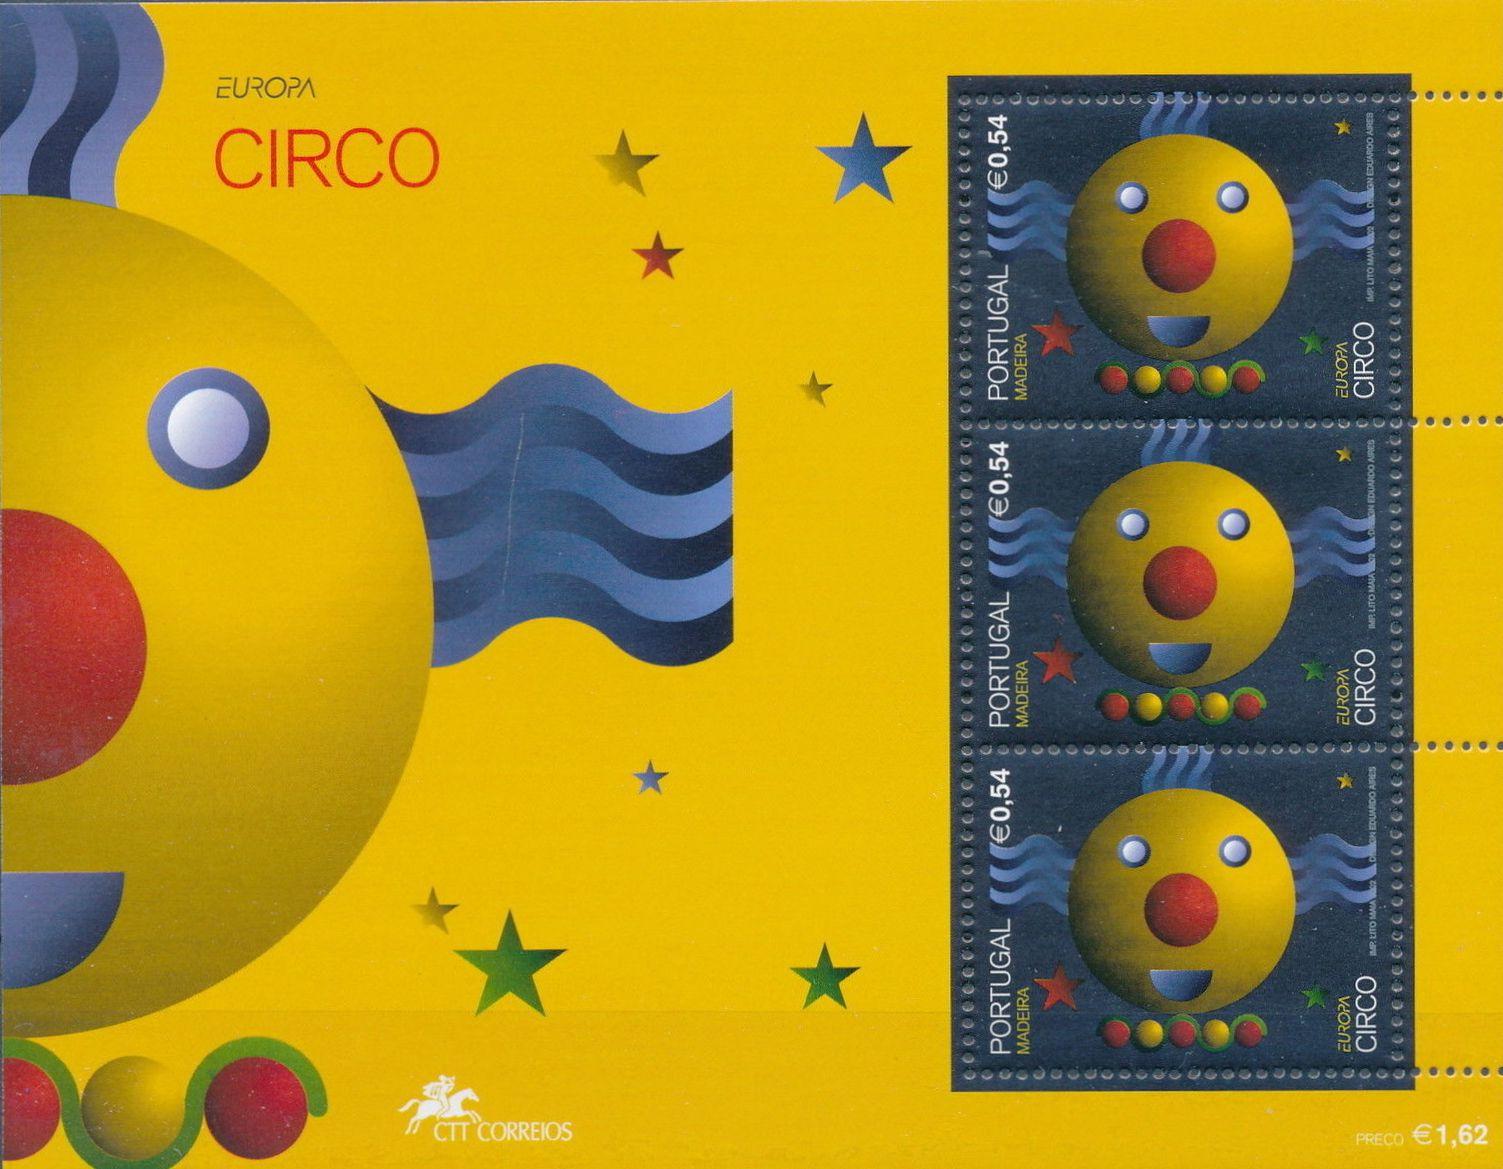 Madeira 2002 Europa - The Circus